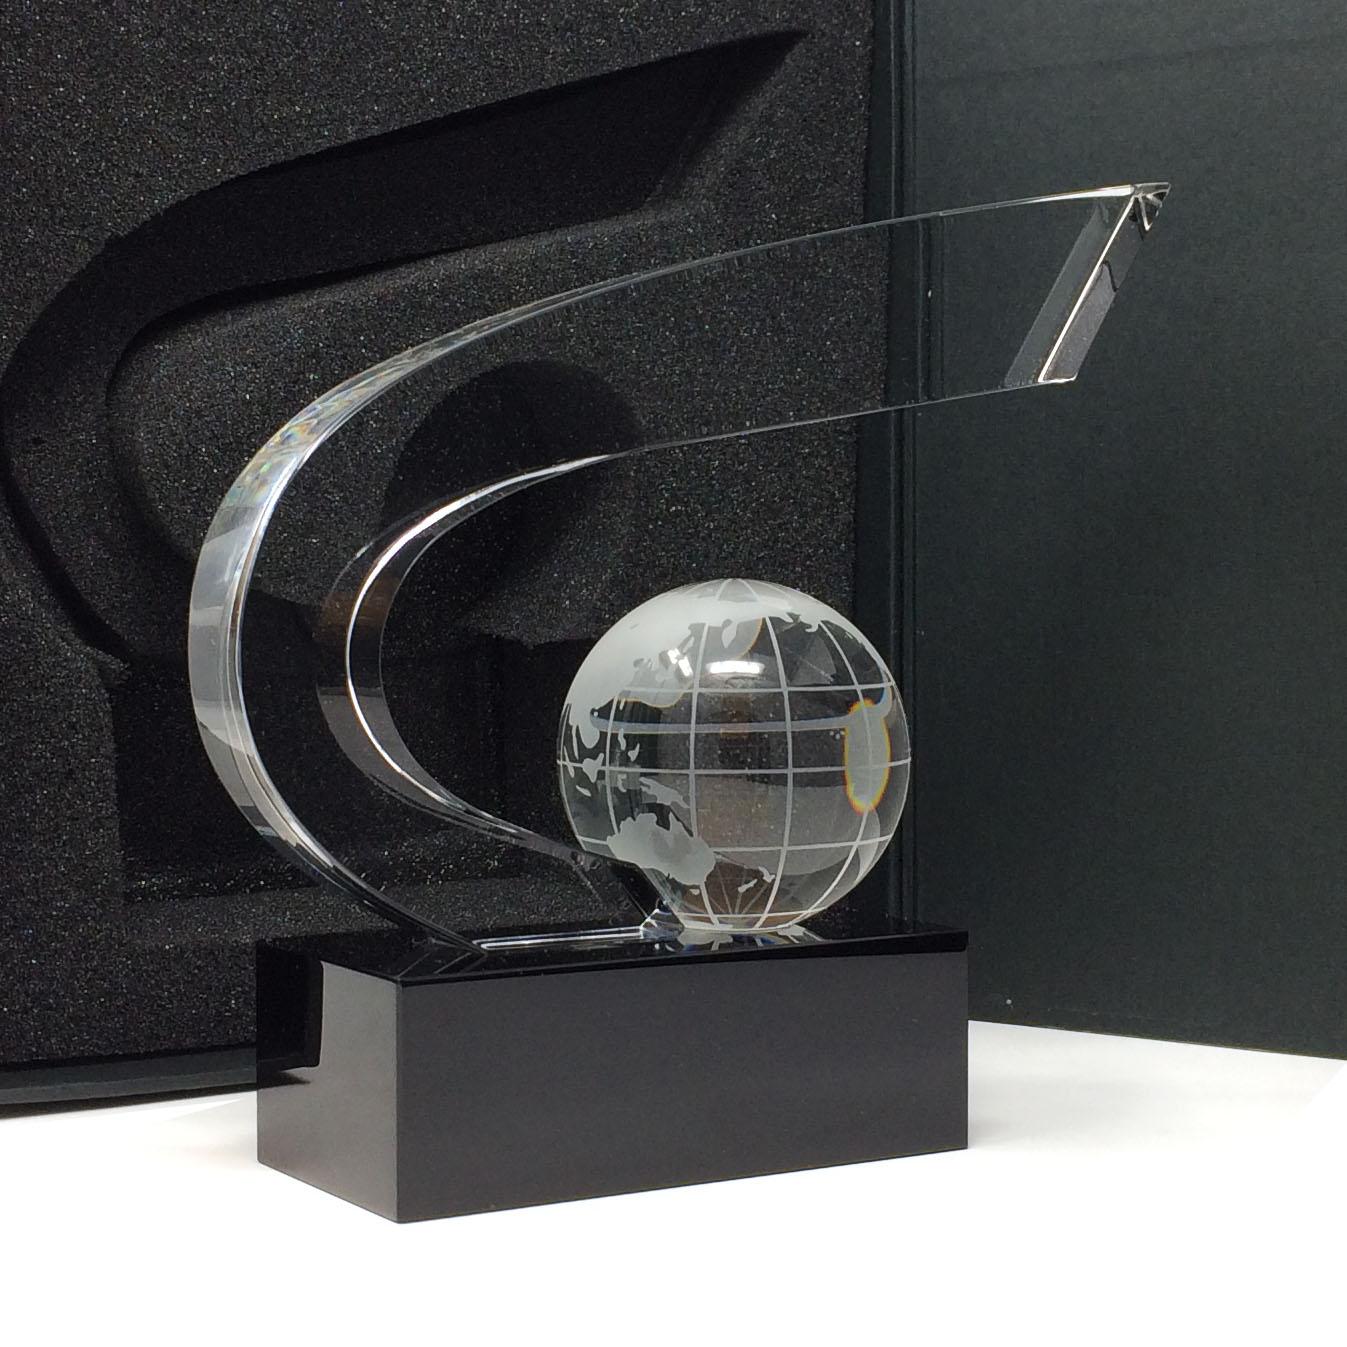 Trophée coupe prestige avec son globe sur socle noir